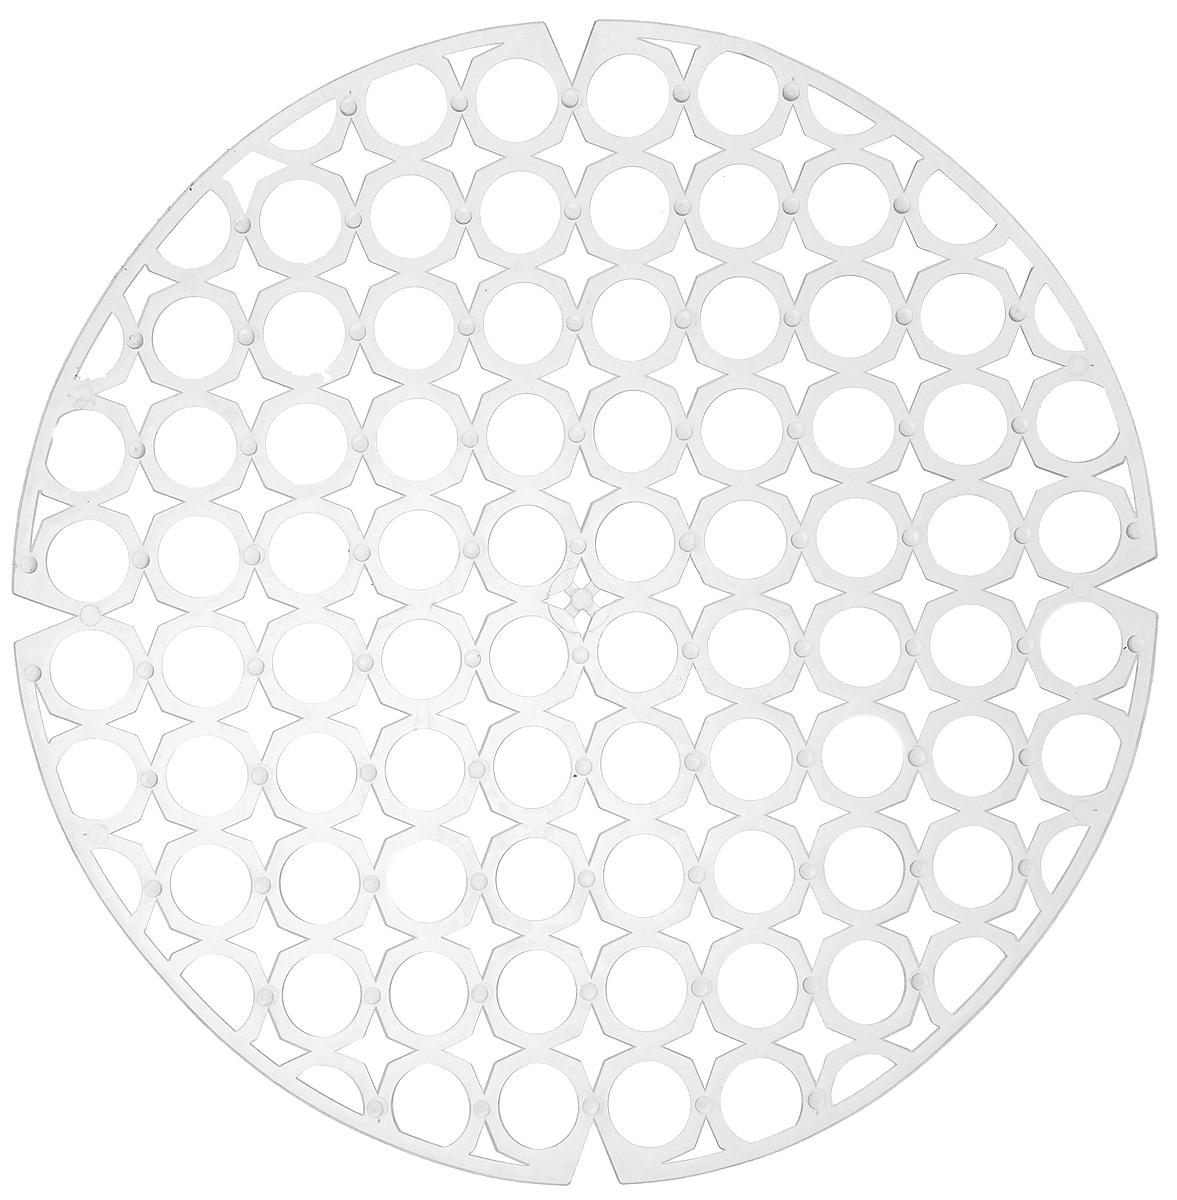 Коврик для раковины York, цвет: прозрачный, диаметр 27,5 см9560_прозрачныйСтильный и удобный коврик для раковины York изготовлен из сложных полимеров. Он одновременно выполняет несколько функций: украшает, защищает мойку от царапин и сколов, смягчает удары при падении посуды в мойку. Коврик также можно использовать для сушки посуды, фруктов и овощей. Он легко очищается от грязи и жира. Диаметр: 27,5 см.